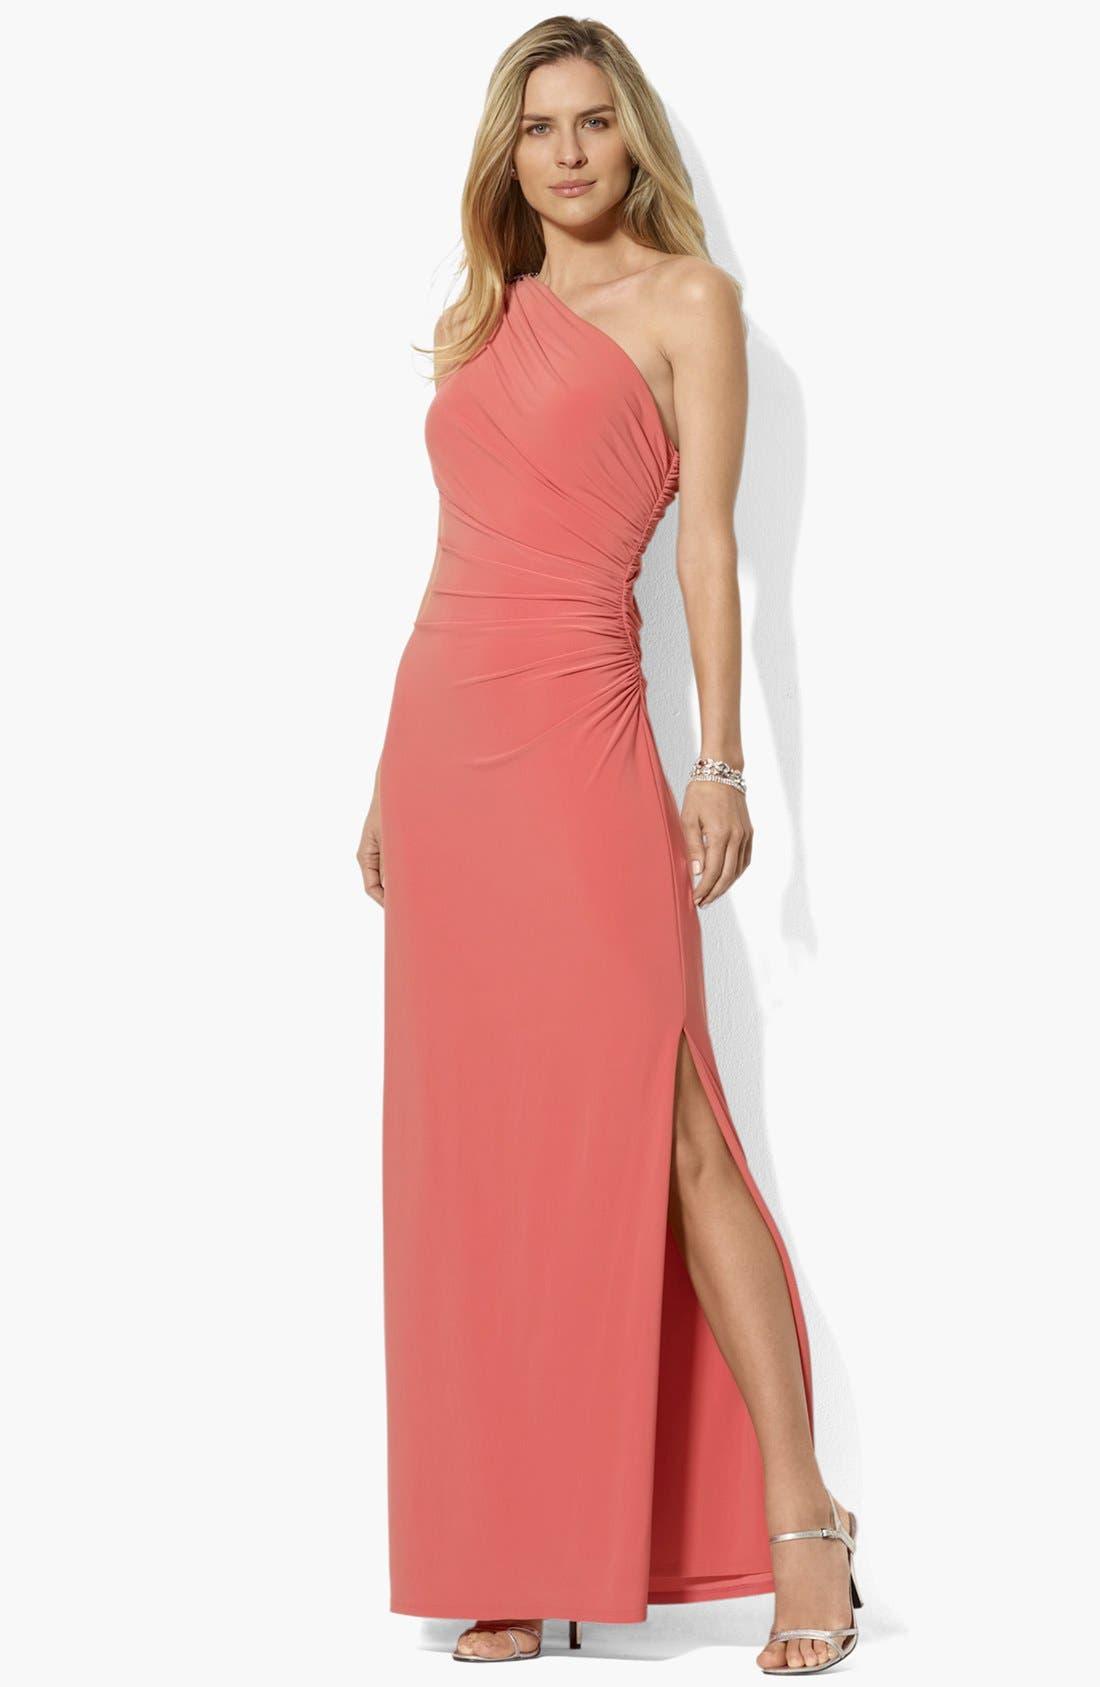 Alternate Image 1 Selected - Lauren Ralph Lauren One Shoulder Matte Jersey Dress (Regular & Petite)